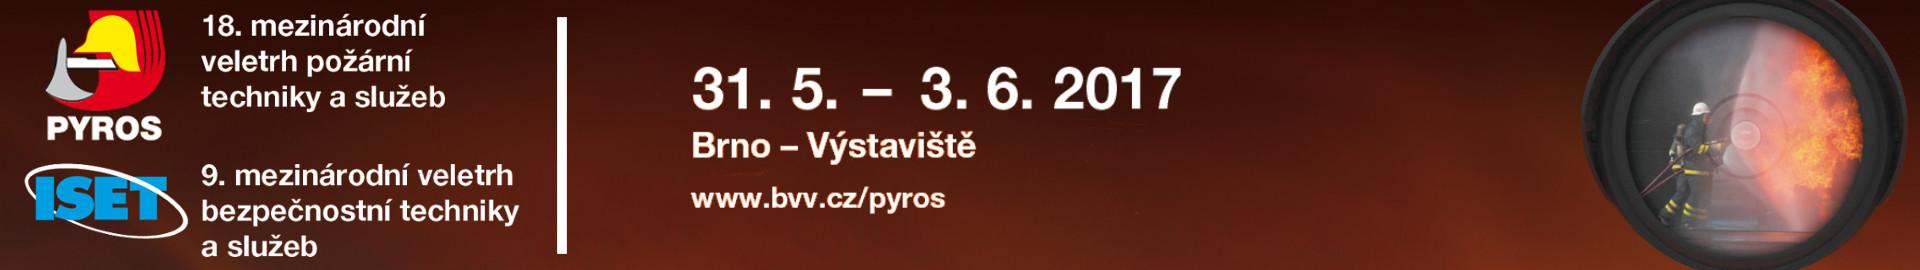 Pyros 2017 1920x270